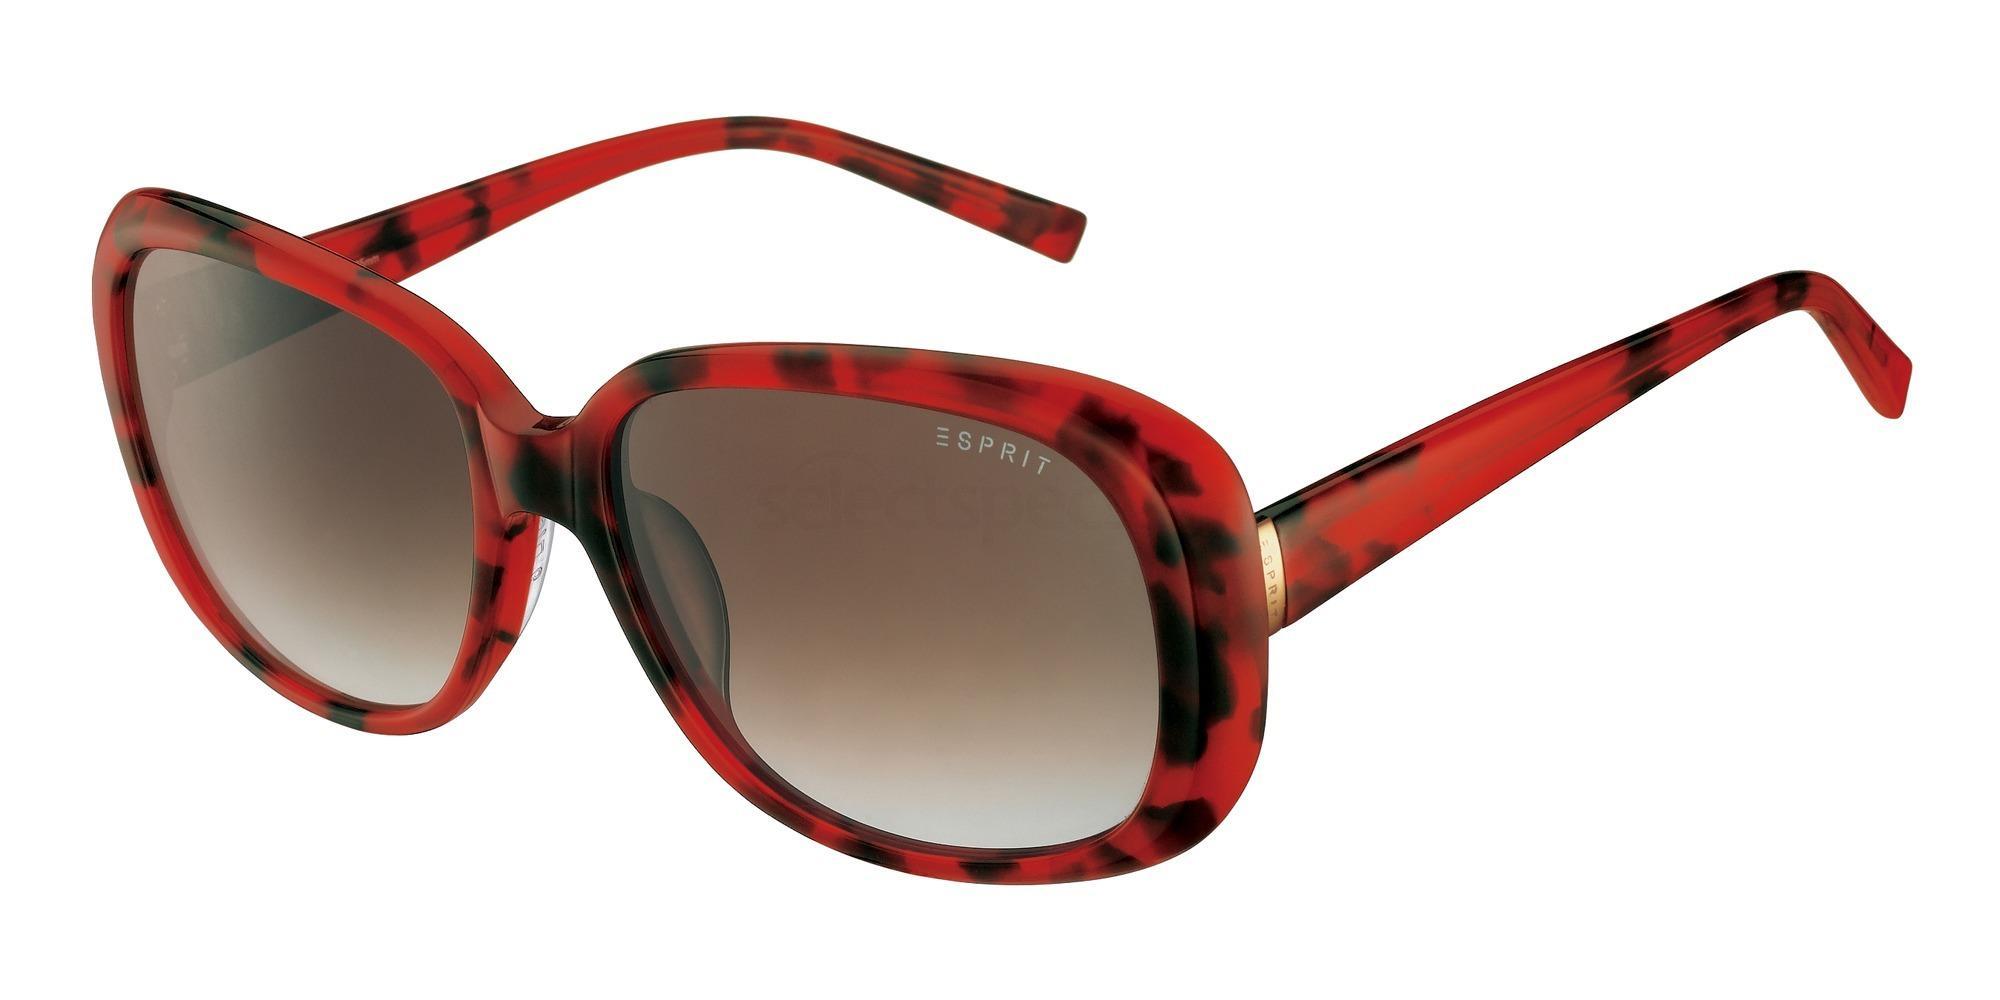 531 ET17855 Sunglasses, Esprit